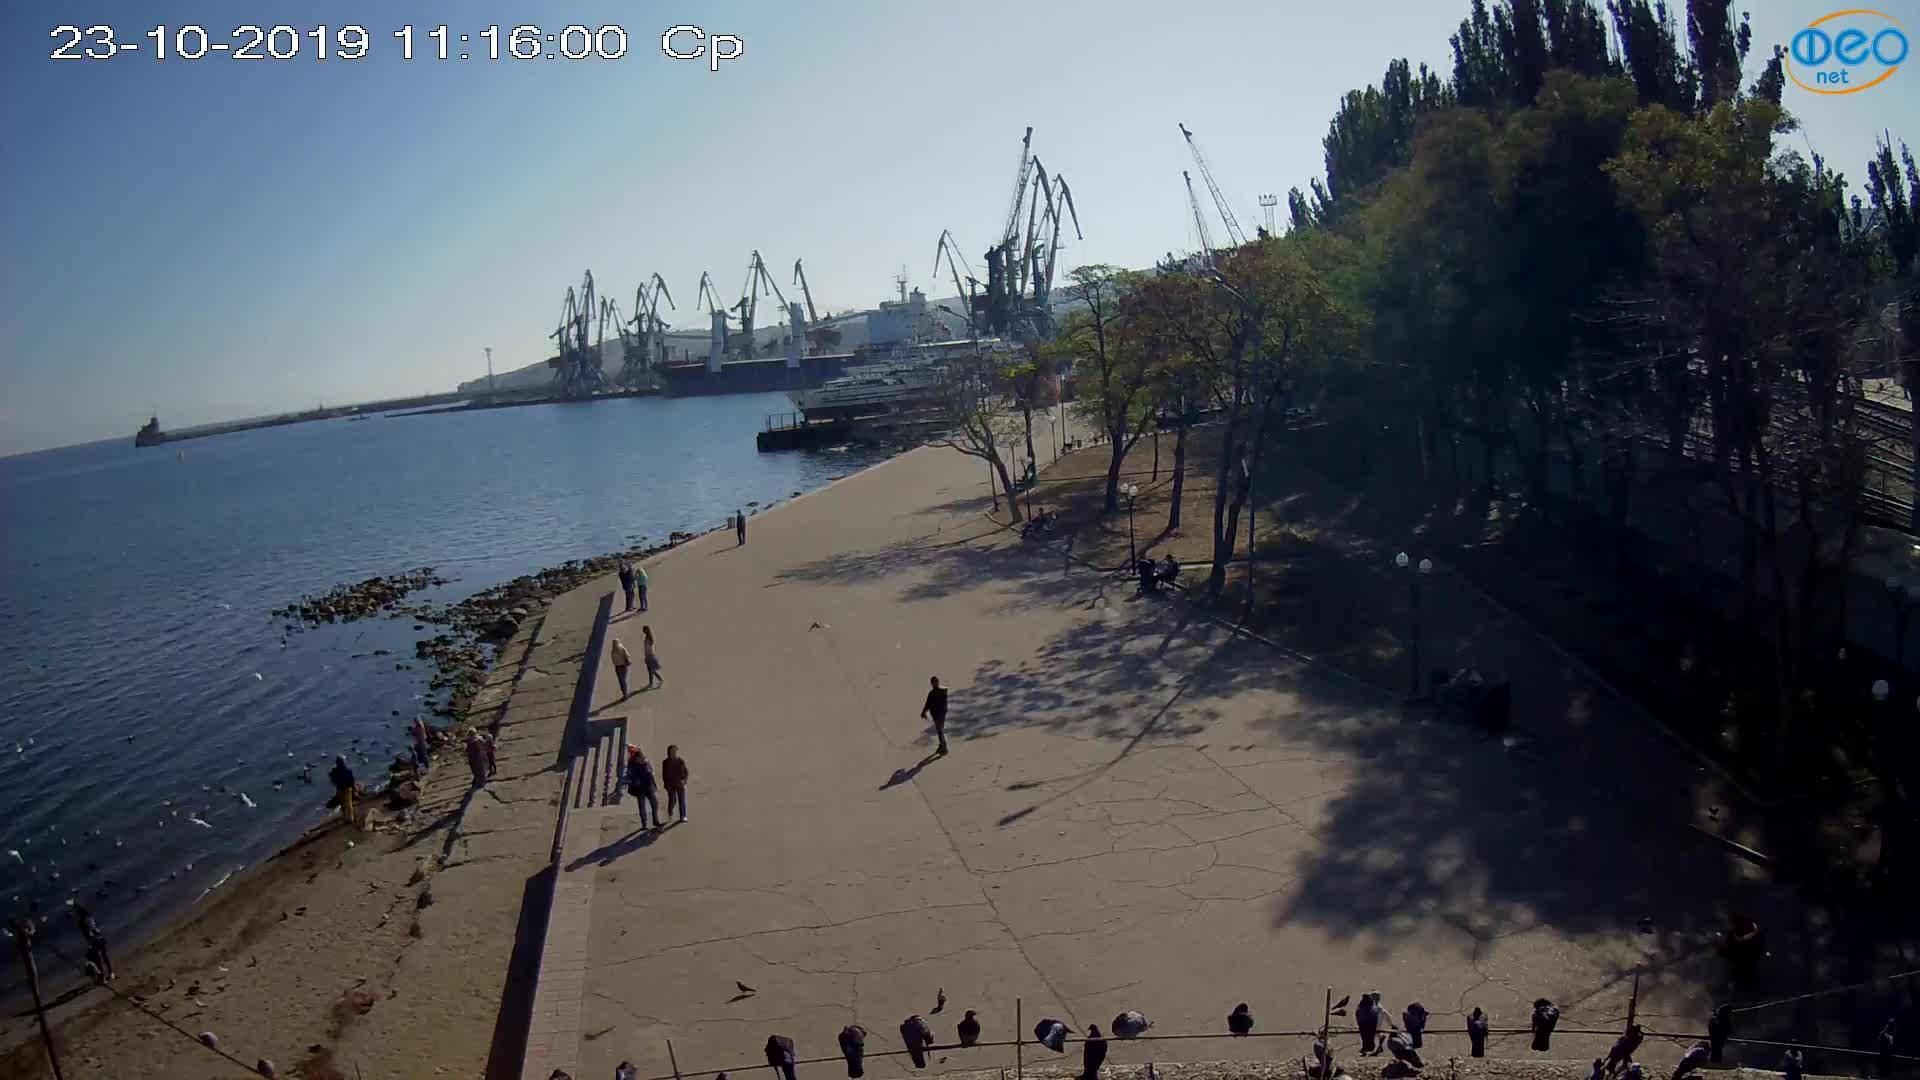 Веб-камеры Феодосии, Набережная Десантников, 2019-10-23 11:16:15